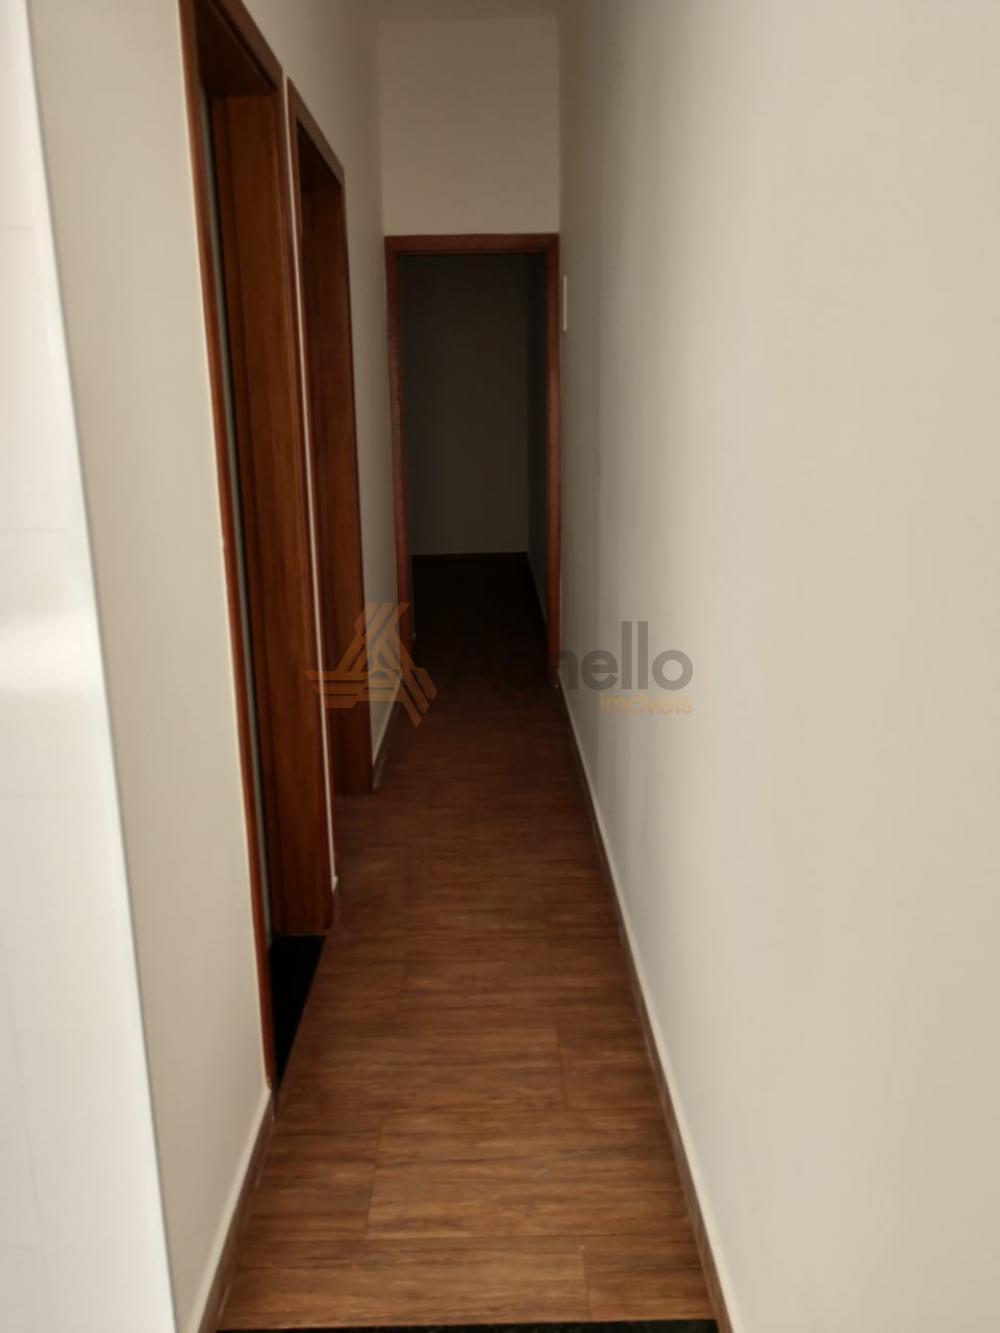 Comprar Casa / Padrão em Franca apenas R$ 185.000,00 - Foto 9